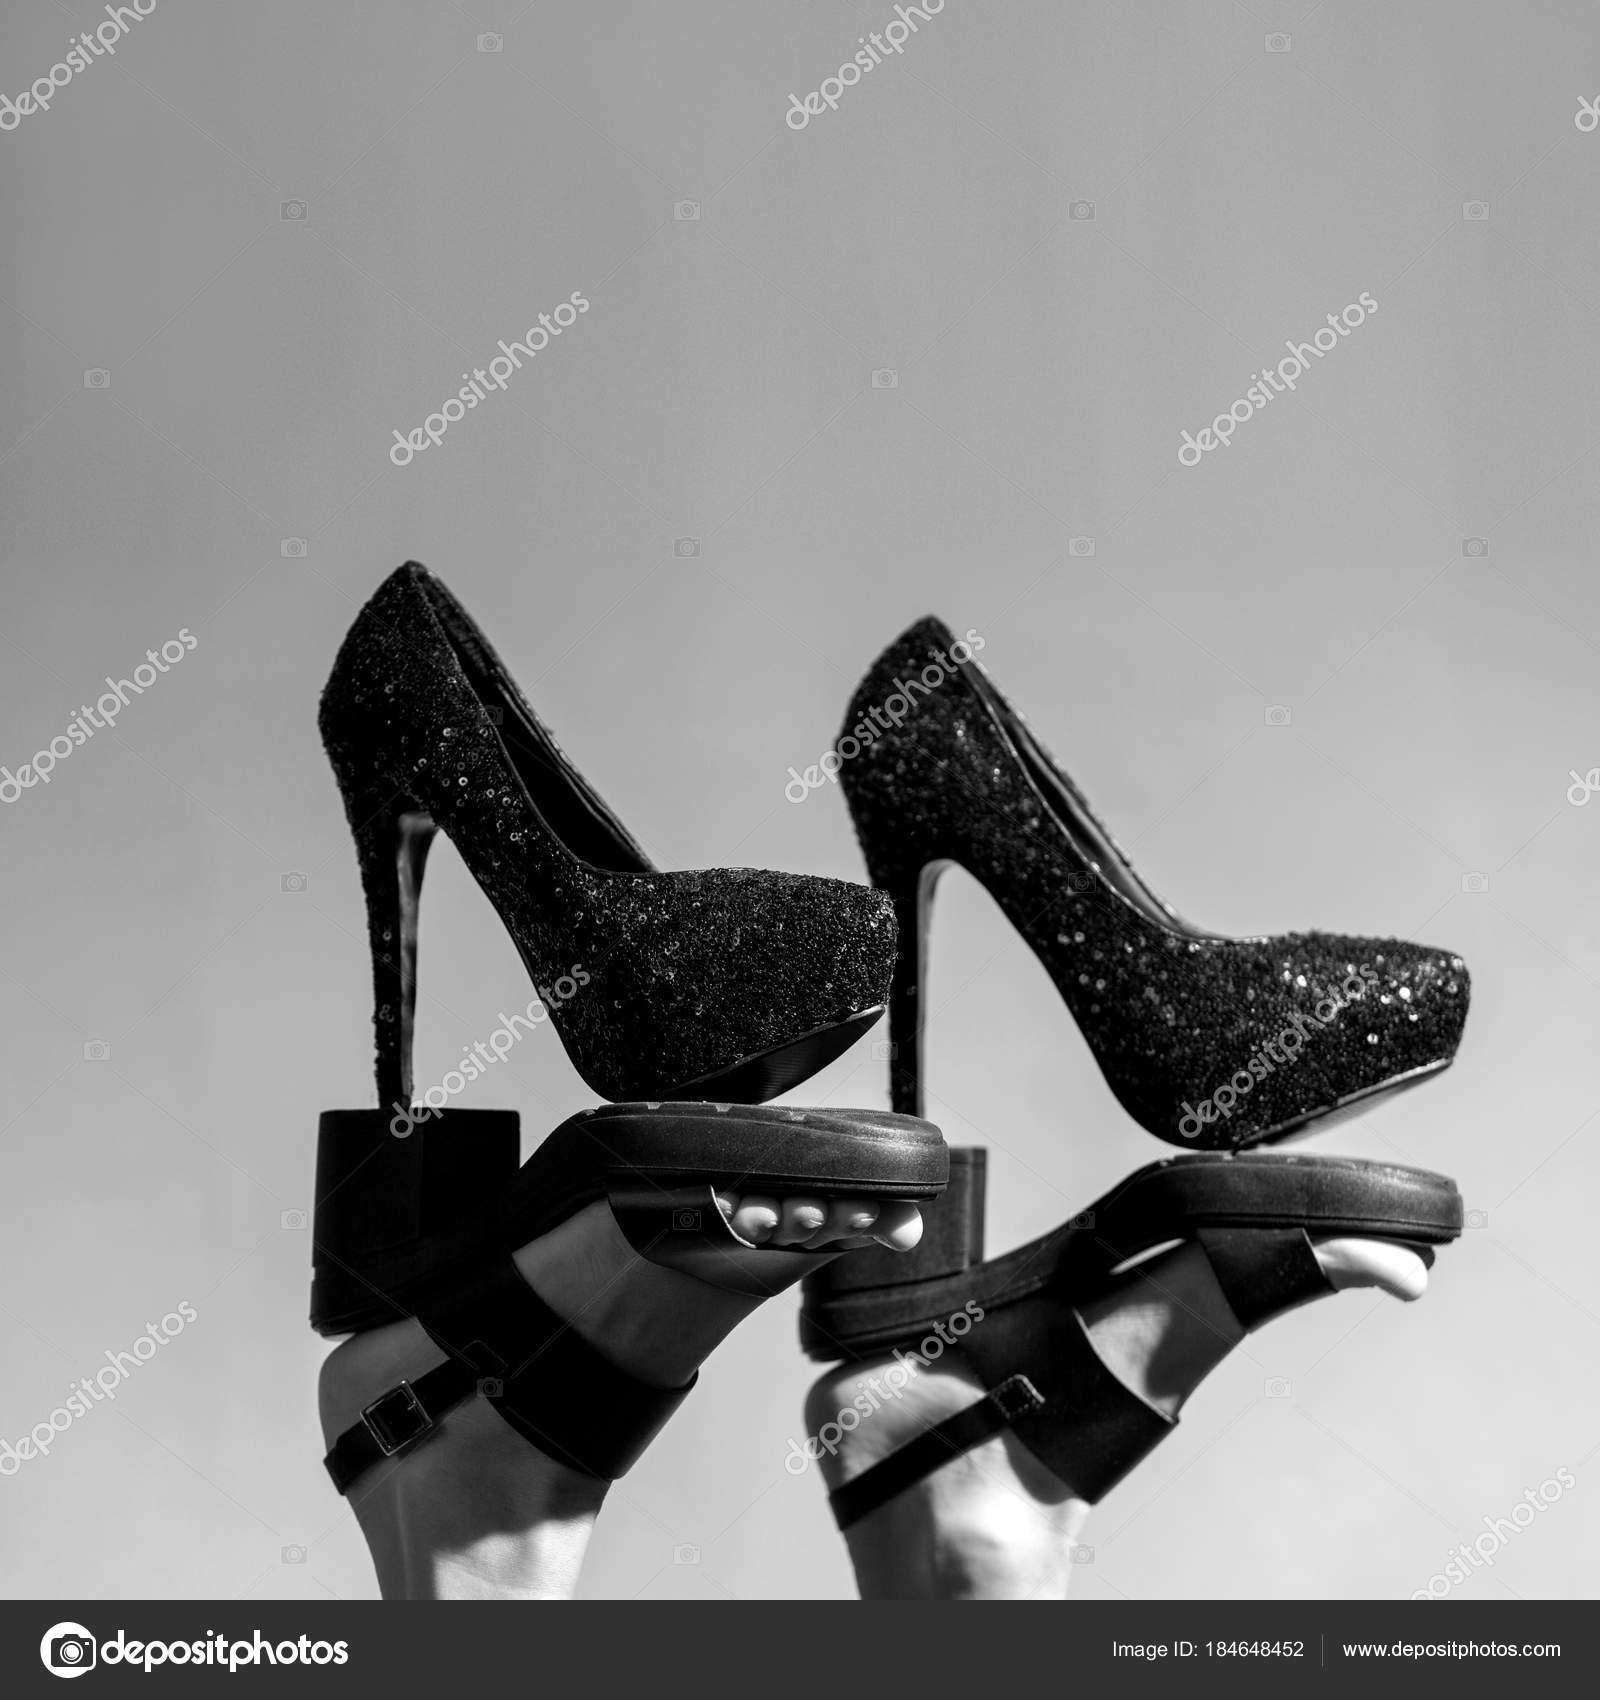 Szexi magas sarkú koncepció. Fekete-fehér divat kép női láb és cipő — Fotó  szerzőtől HappyCity b4e5c5f203